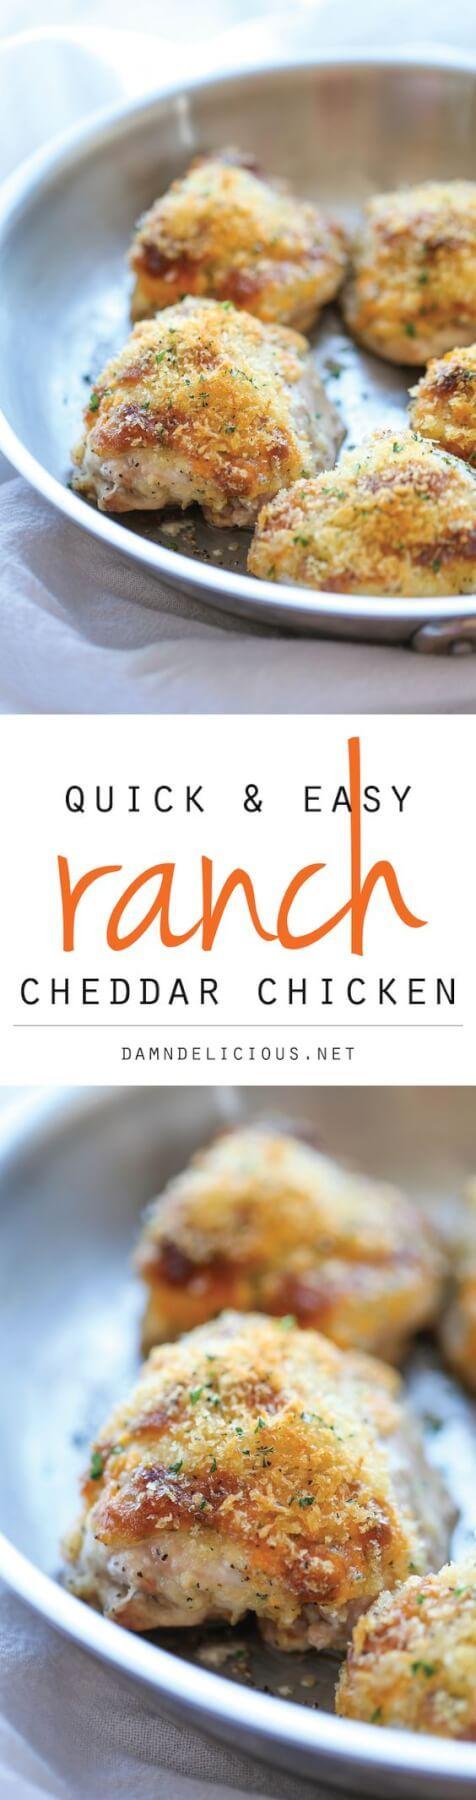 Quick & Easy Ranch Cheddar Chicken Recipe